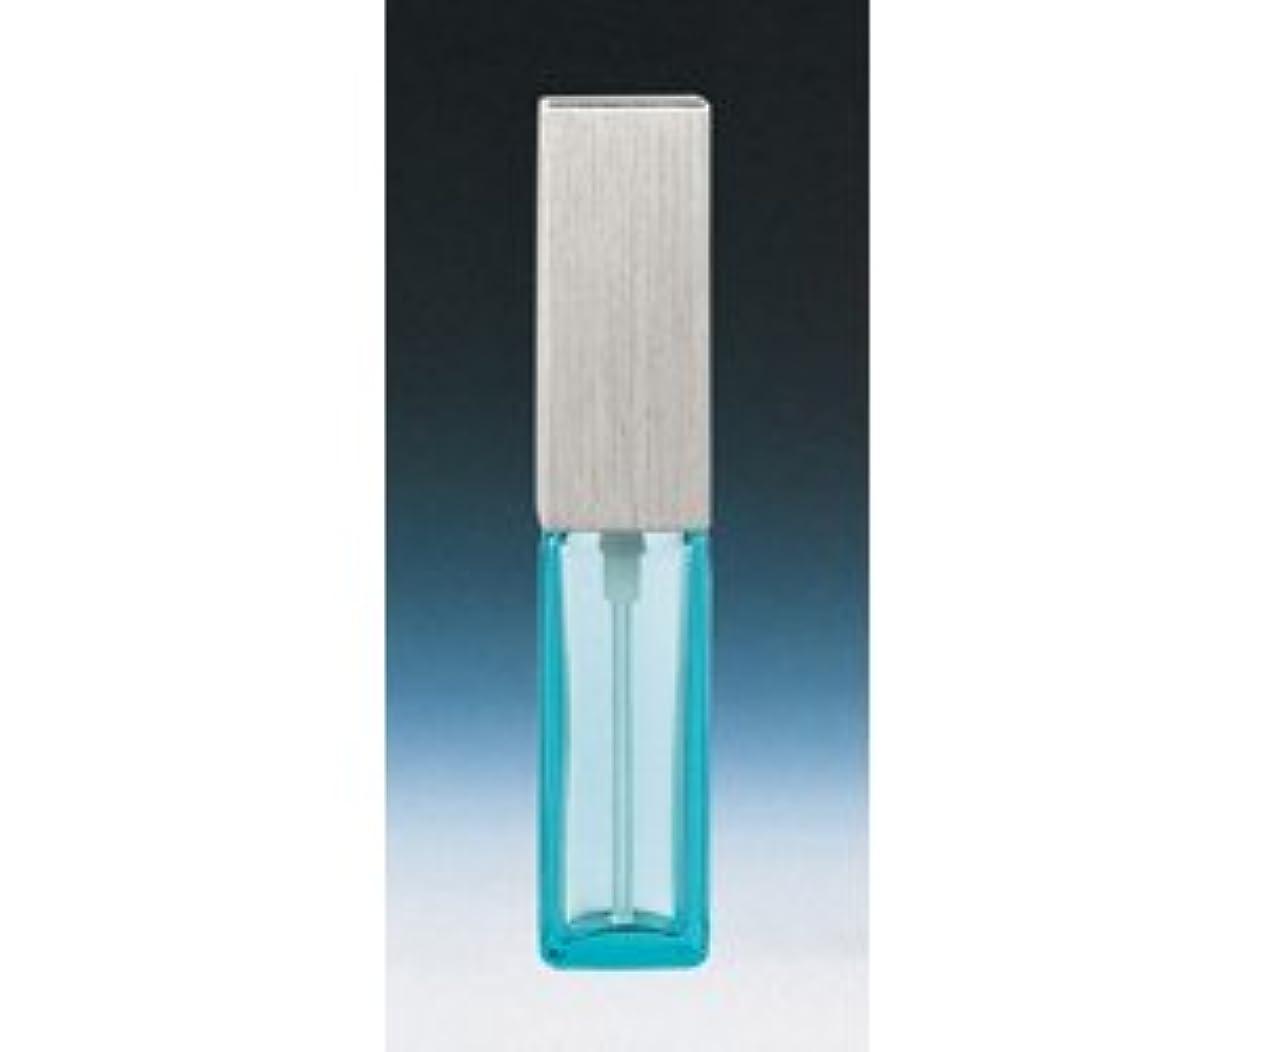 ナプキンひねりクリップ蝶ヤマダアトマイザー メンズ アトマイザー 香水 携帯用 詰め換え用付属品入り 15493